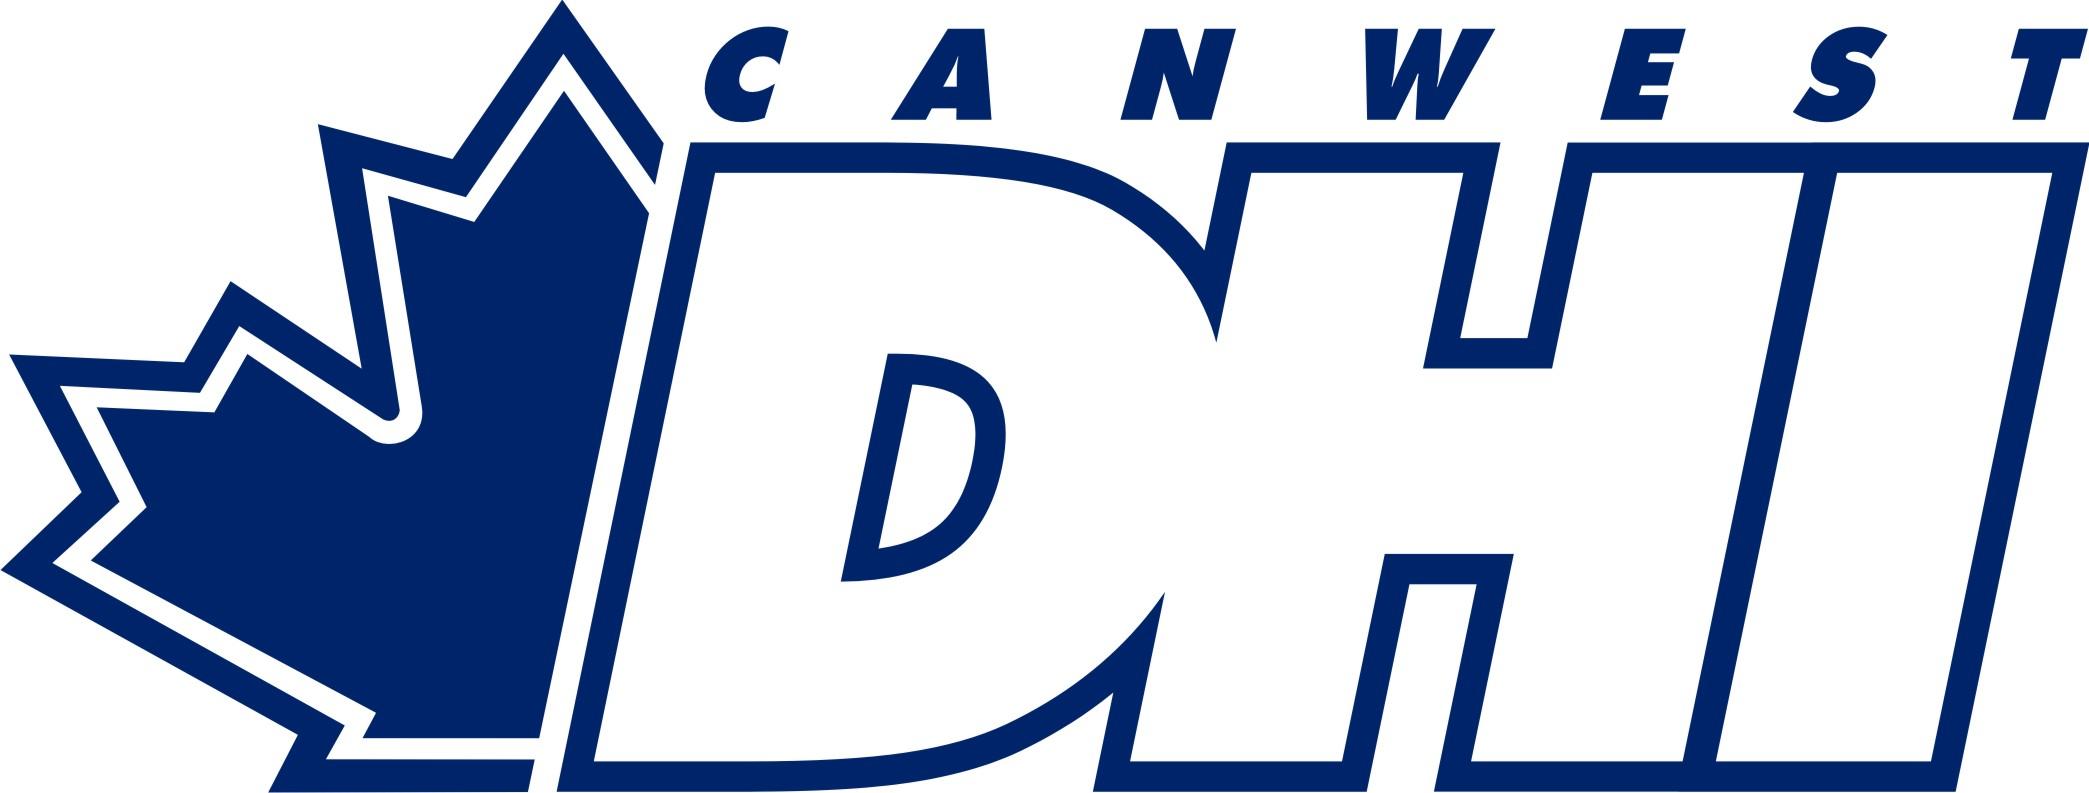 canwest dhi logo.jpg